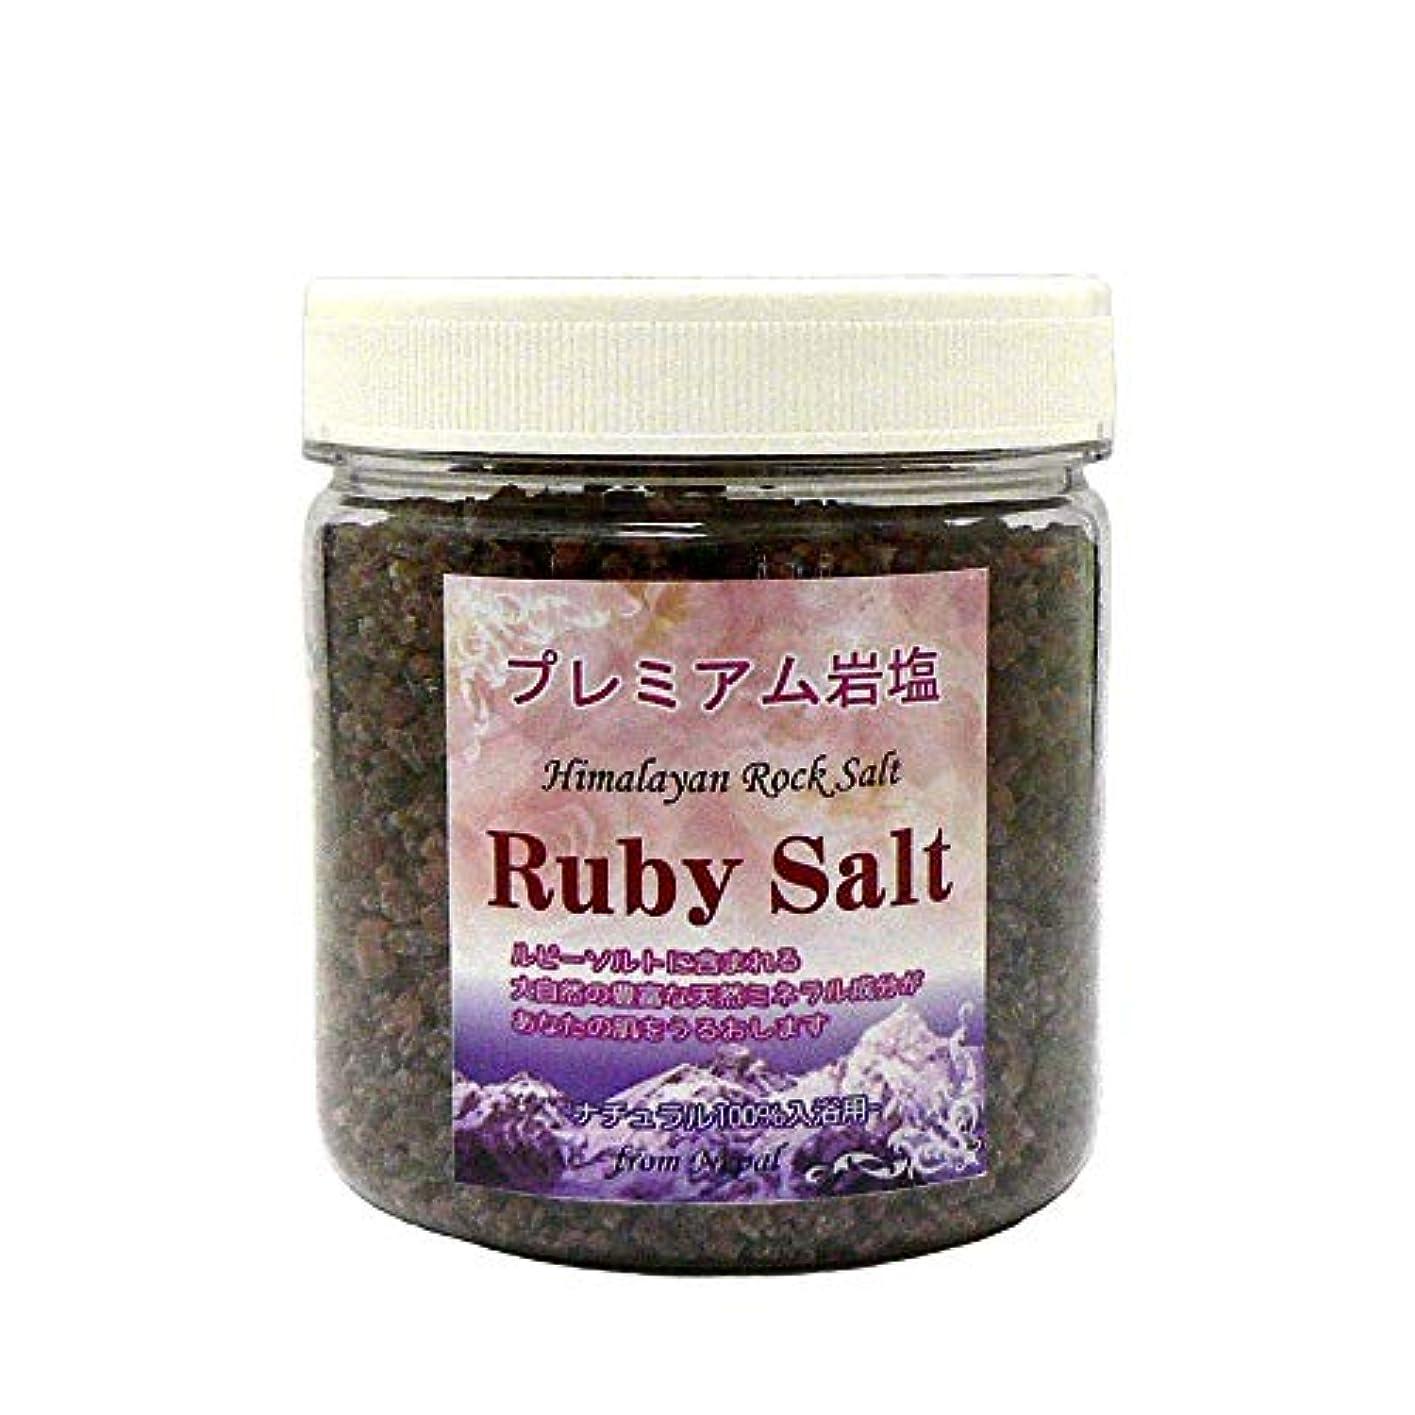 散文弓ウェイドヒマラヤ岩塩 プレミアム ルビーソルト バスソルト(Sサイズ塊り) ルビー岩塩 (600g×2個セット)